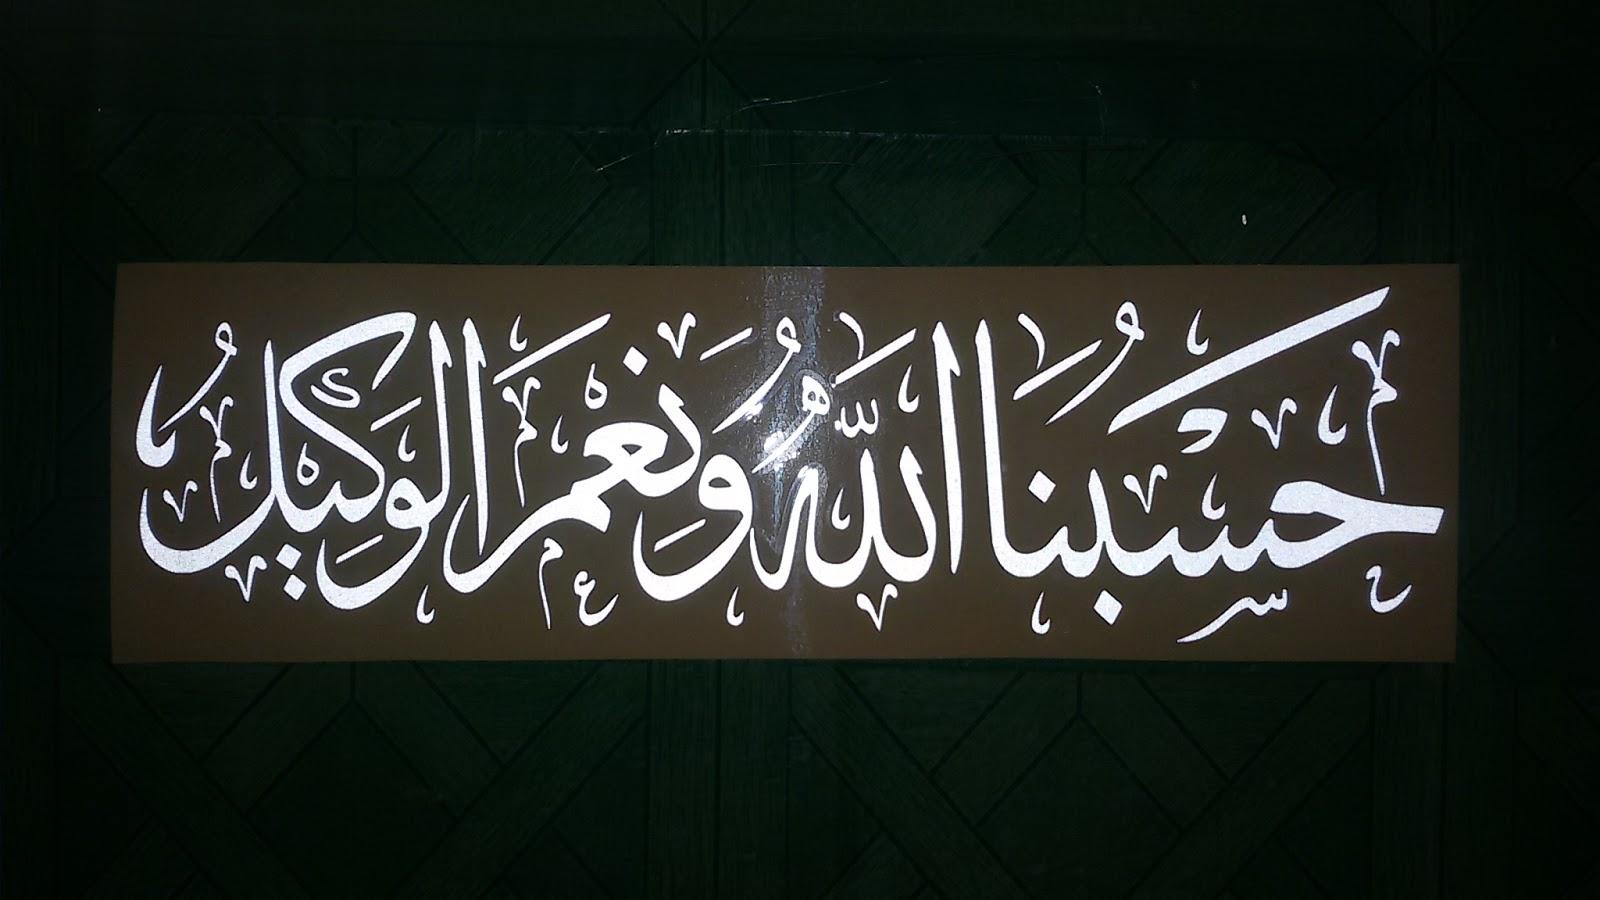 58 Kaligrafi Surat Ar Rahman Ayat 13